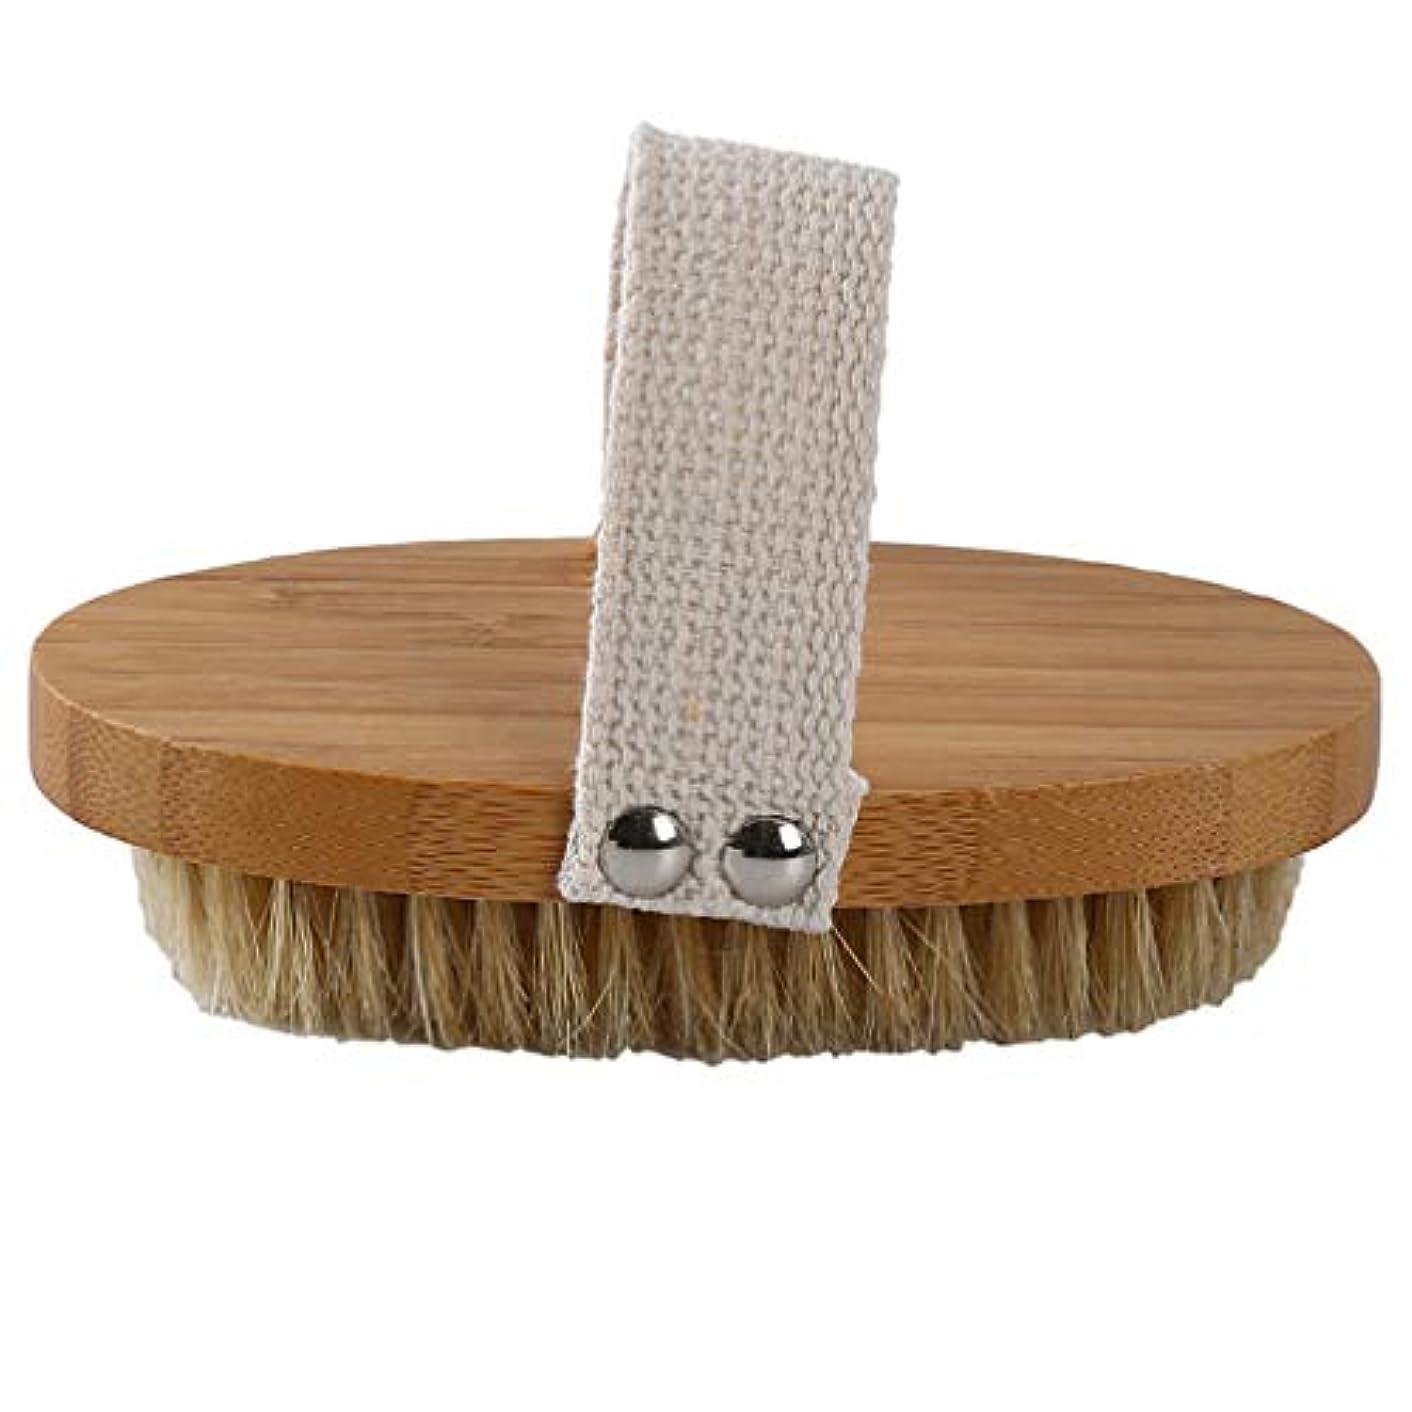 Noonlity ボディブラシ 豚毛 体洗いブラシ マッサージ 柔らかい ボディ洗浄 お風呂用